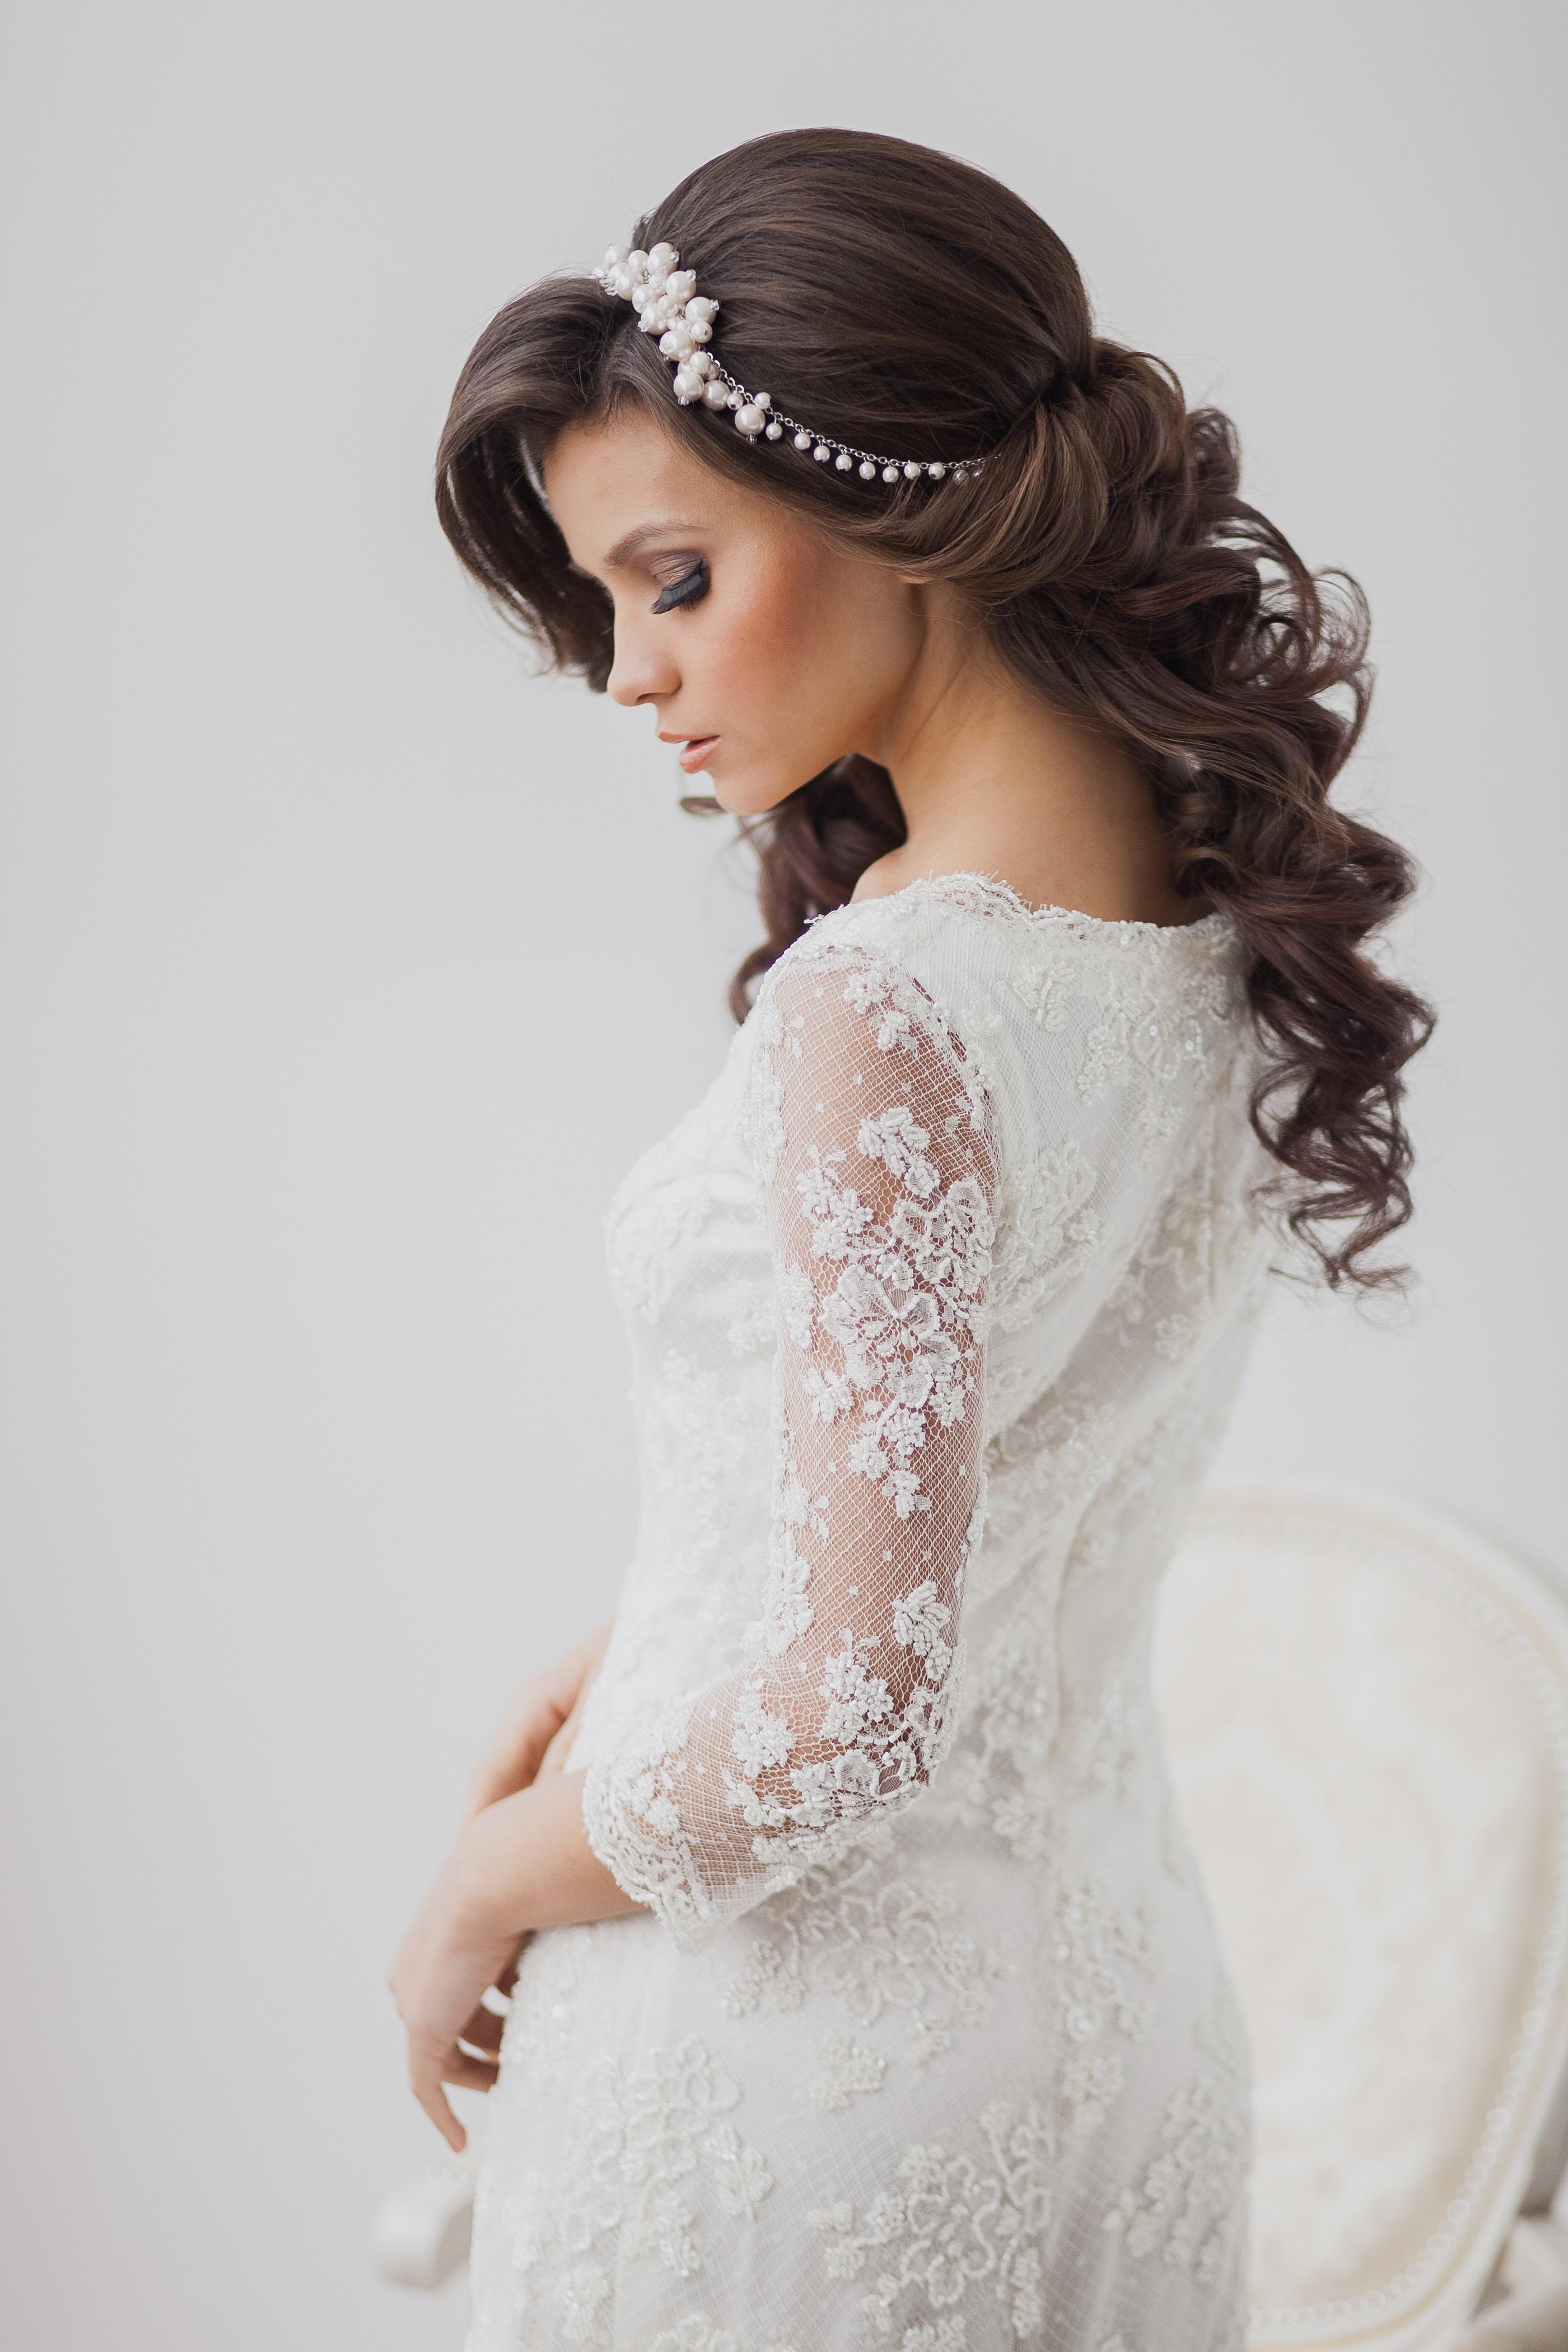 Платье свадебное к короткой прическе